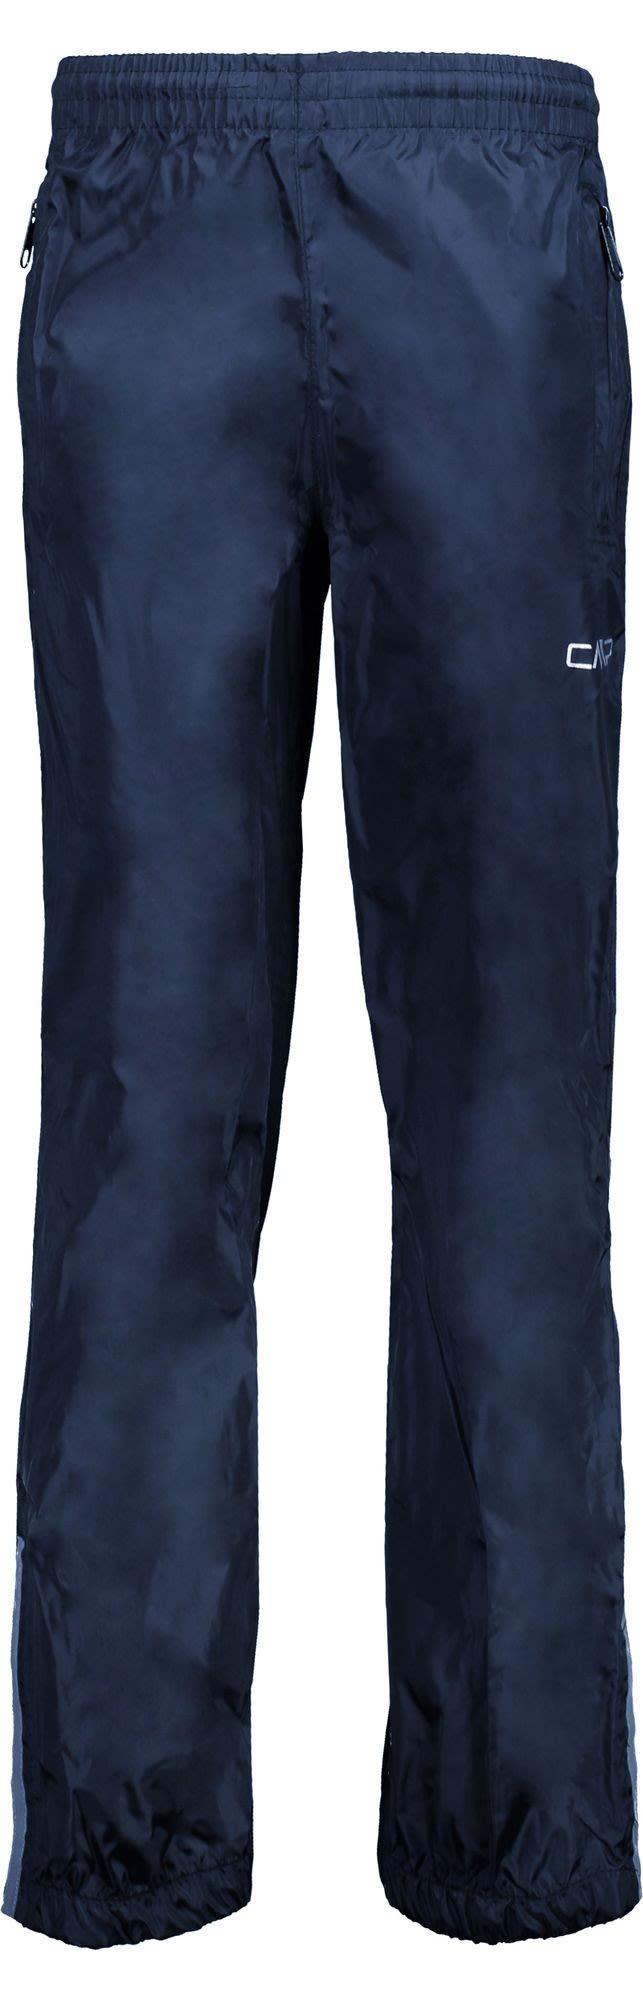 CMP BOY Pant Blau, Male 176 -Farbe Navy, 176